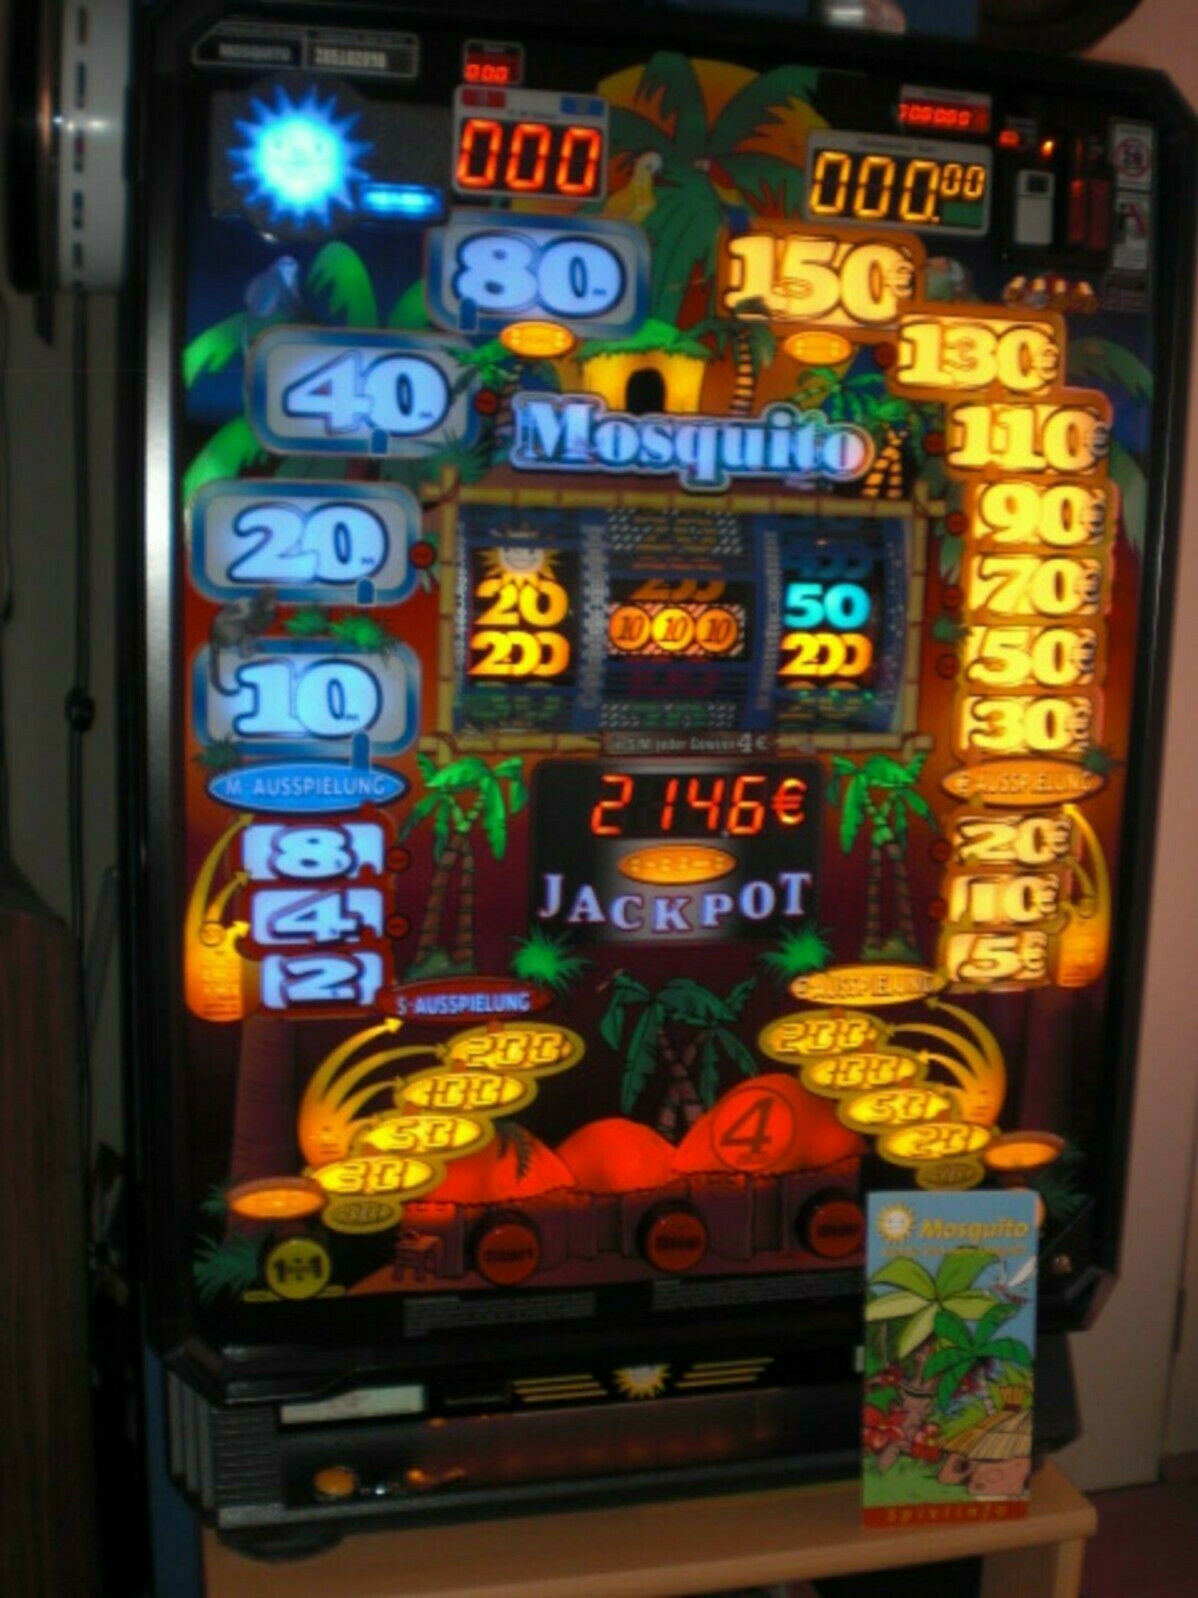 Merkur Mosquito, Geldspielautomat, Geldspielgerät